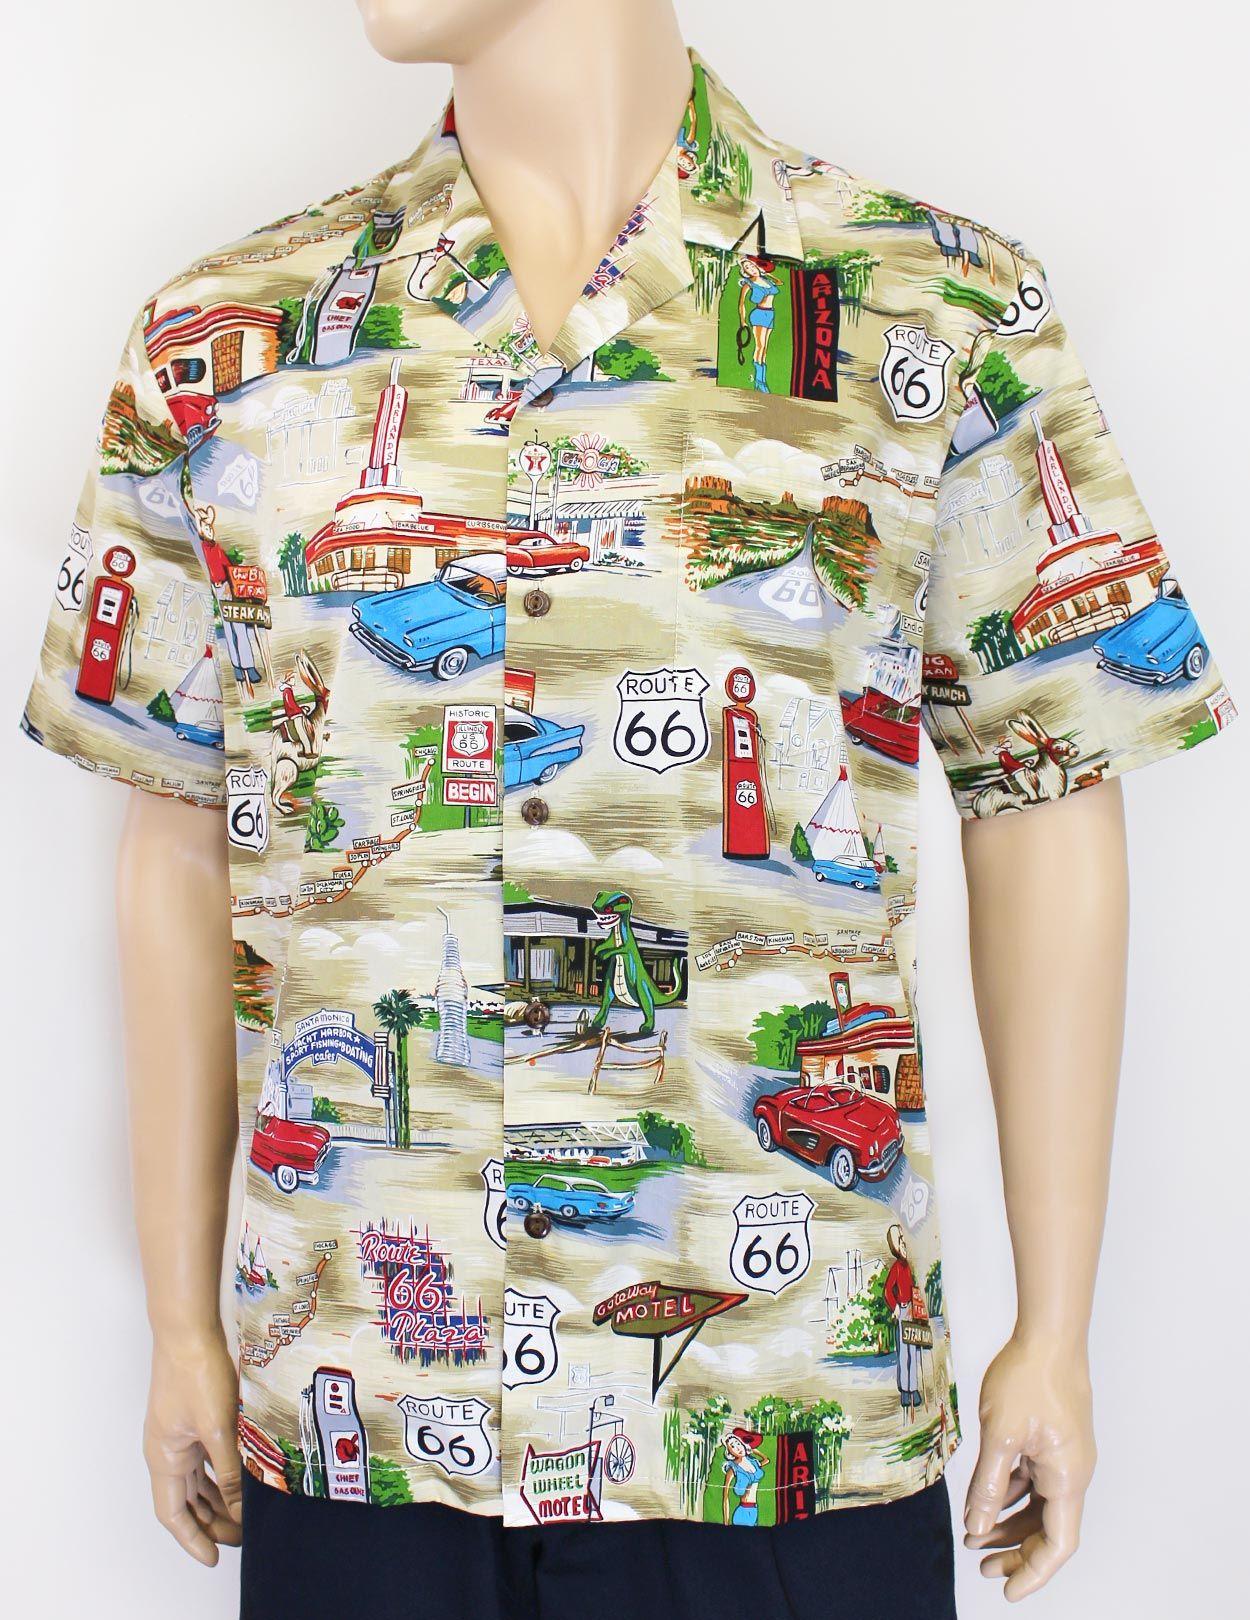 bda2091c FREE Shipping from Hawaii - Rout 66 Shirt design cotton fabric.  #hawaiianshirts #rout66 #carshirts